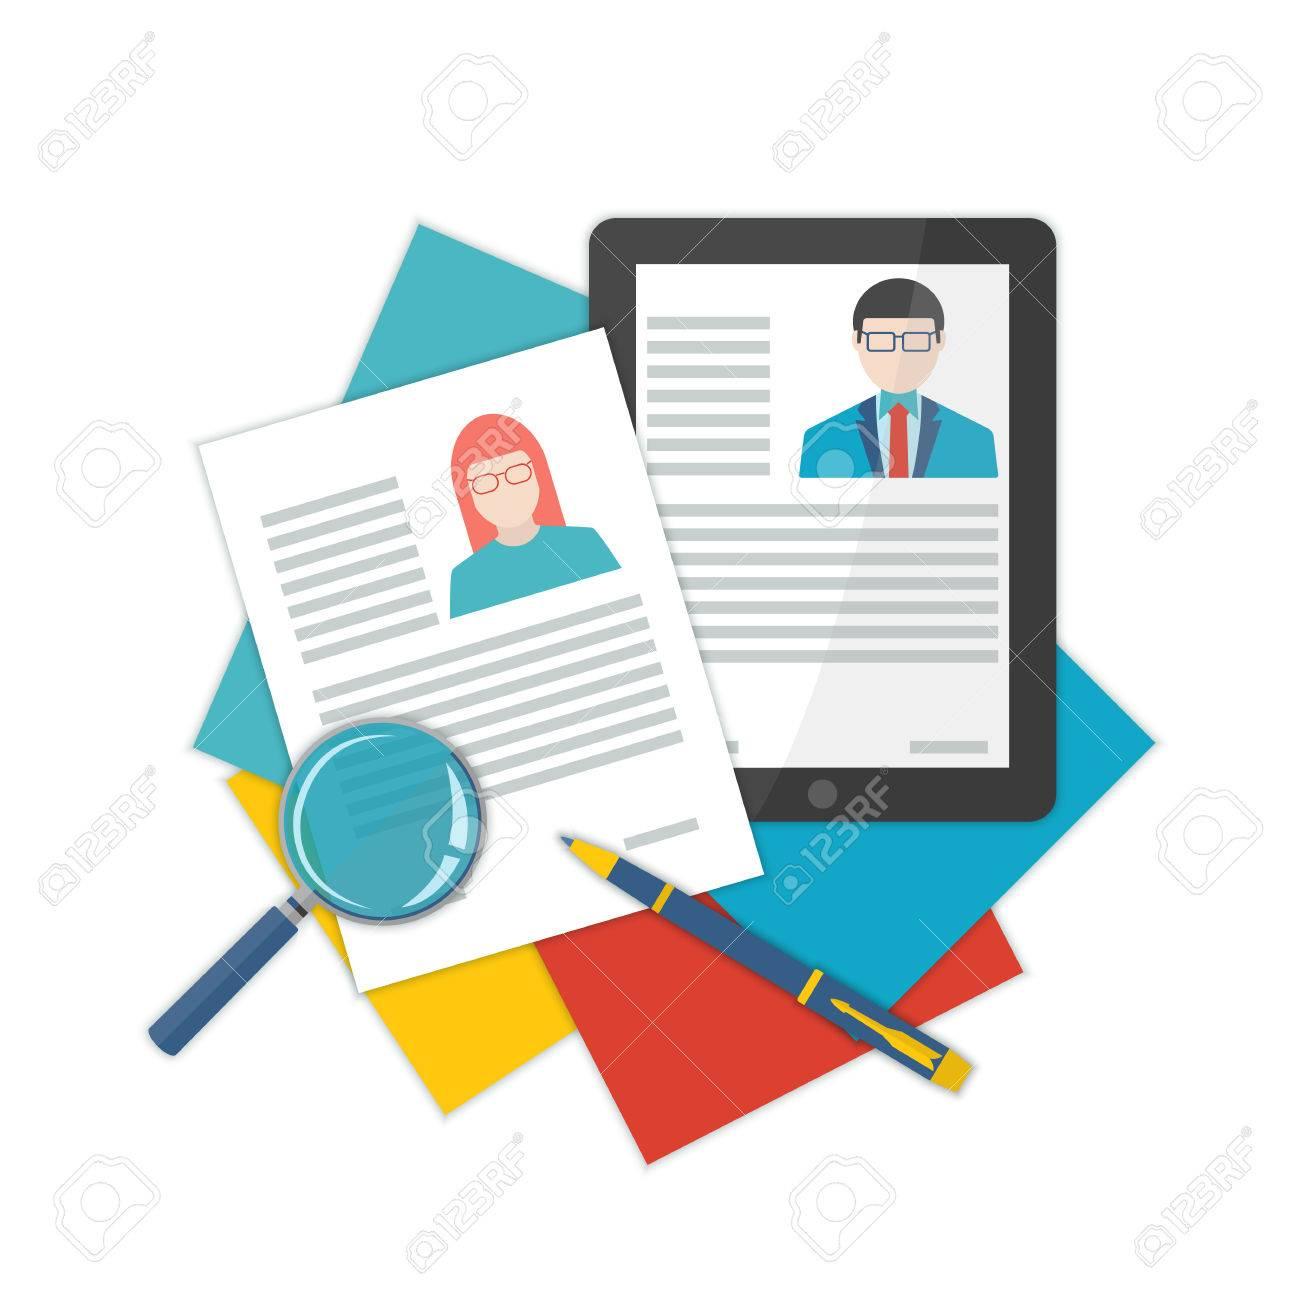 Flat Design Illustration Curriculum Vitae Recruitment Candidate